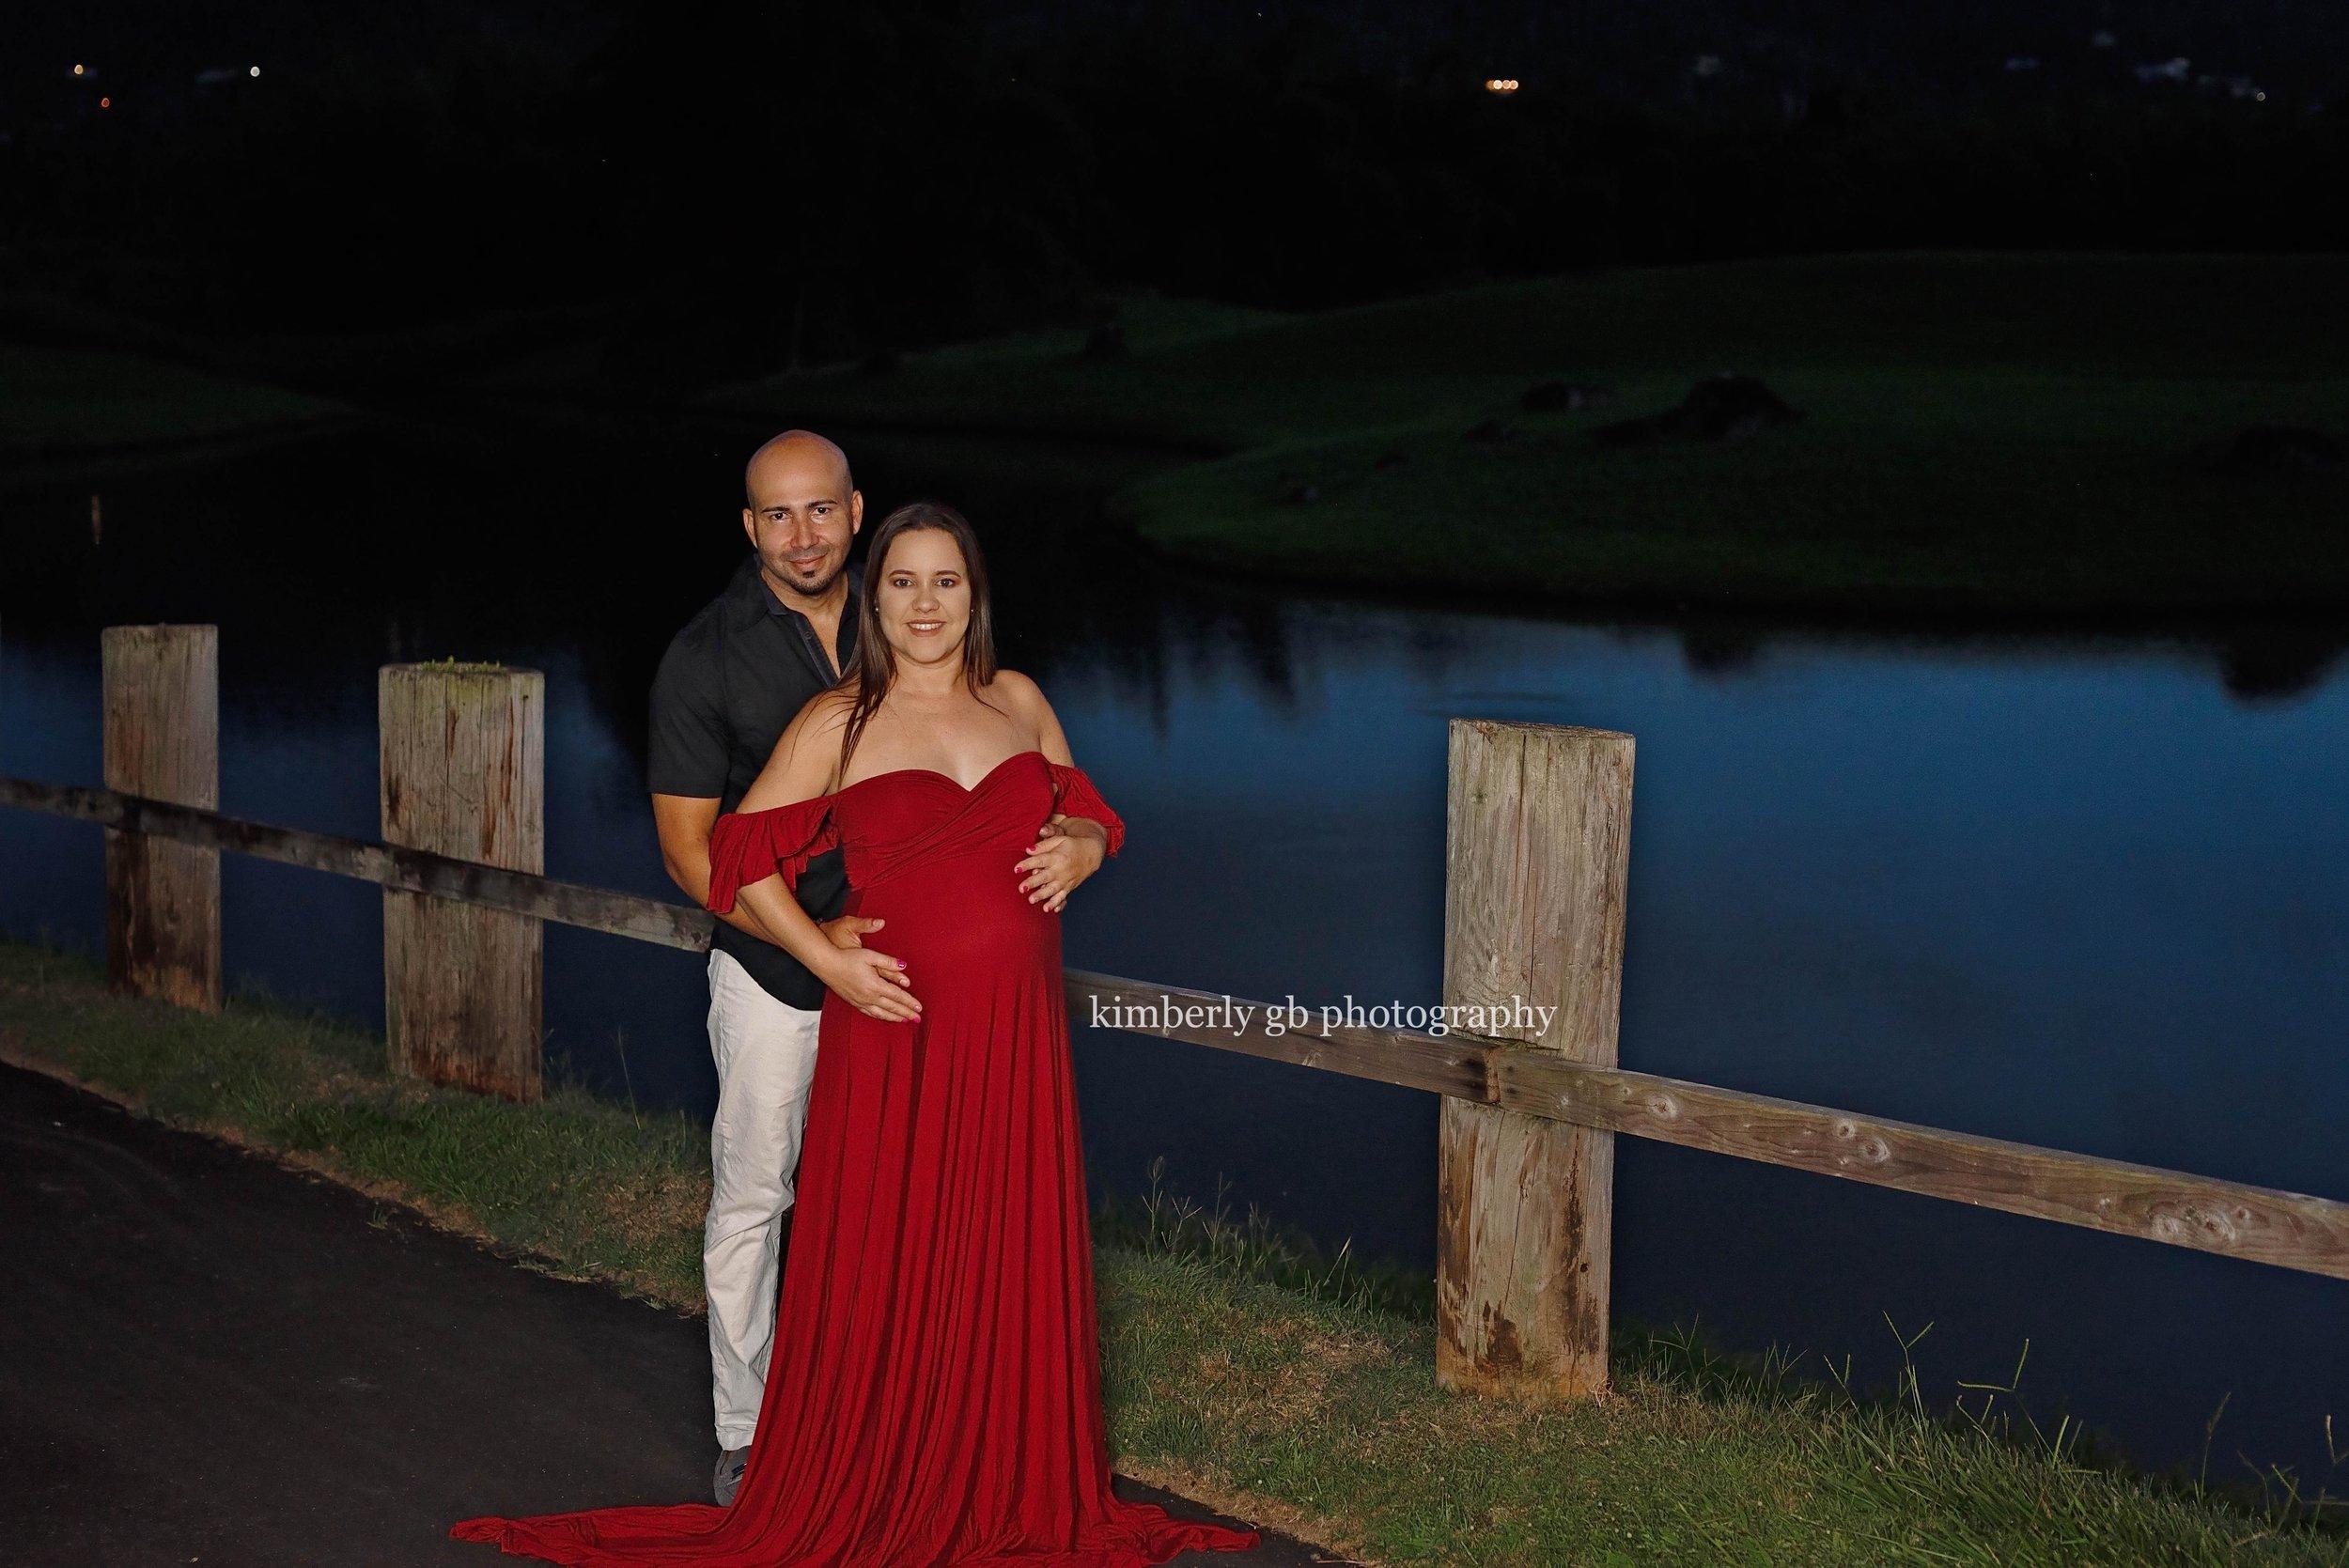 fotografia-fotografa-de-maternidad-embarazo-embarazada-en-puerto-rico-fotografia-199.jpg